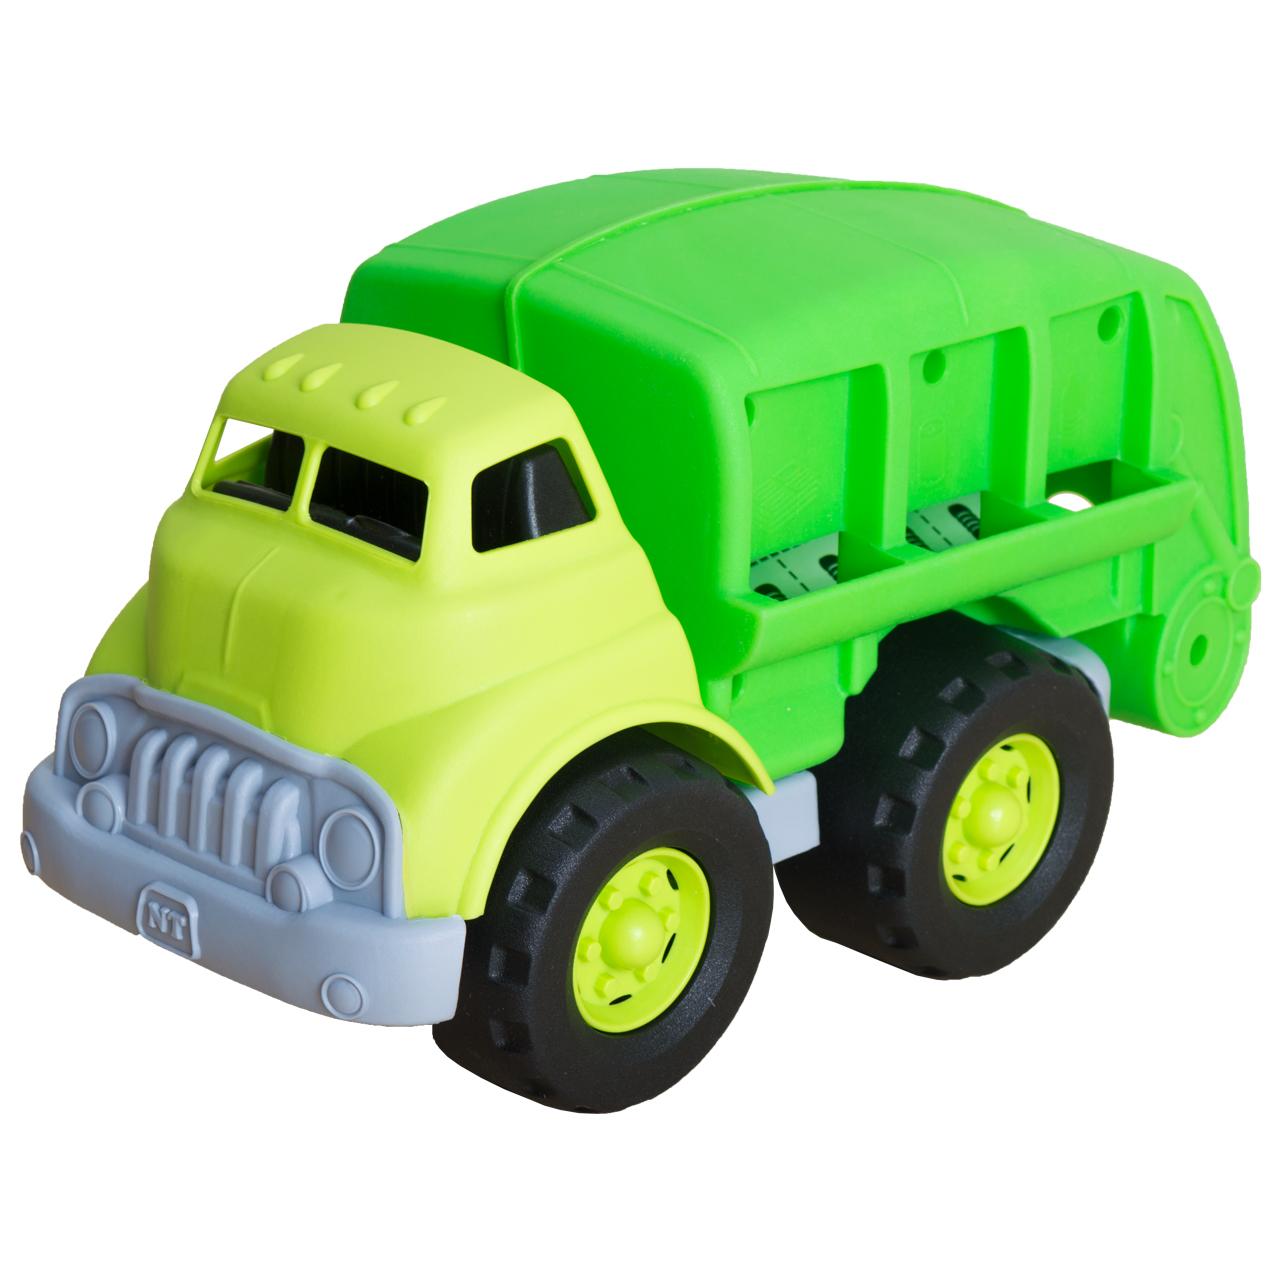 ماشین نیکو تویز مدل recycle